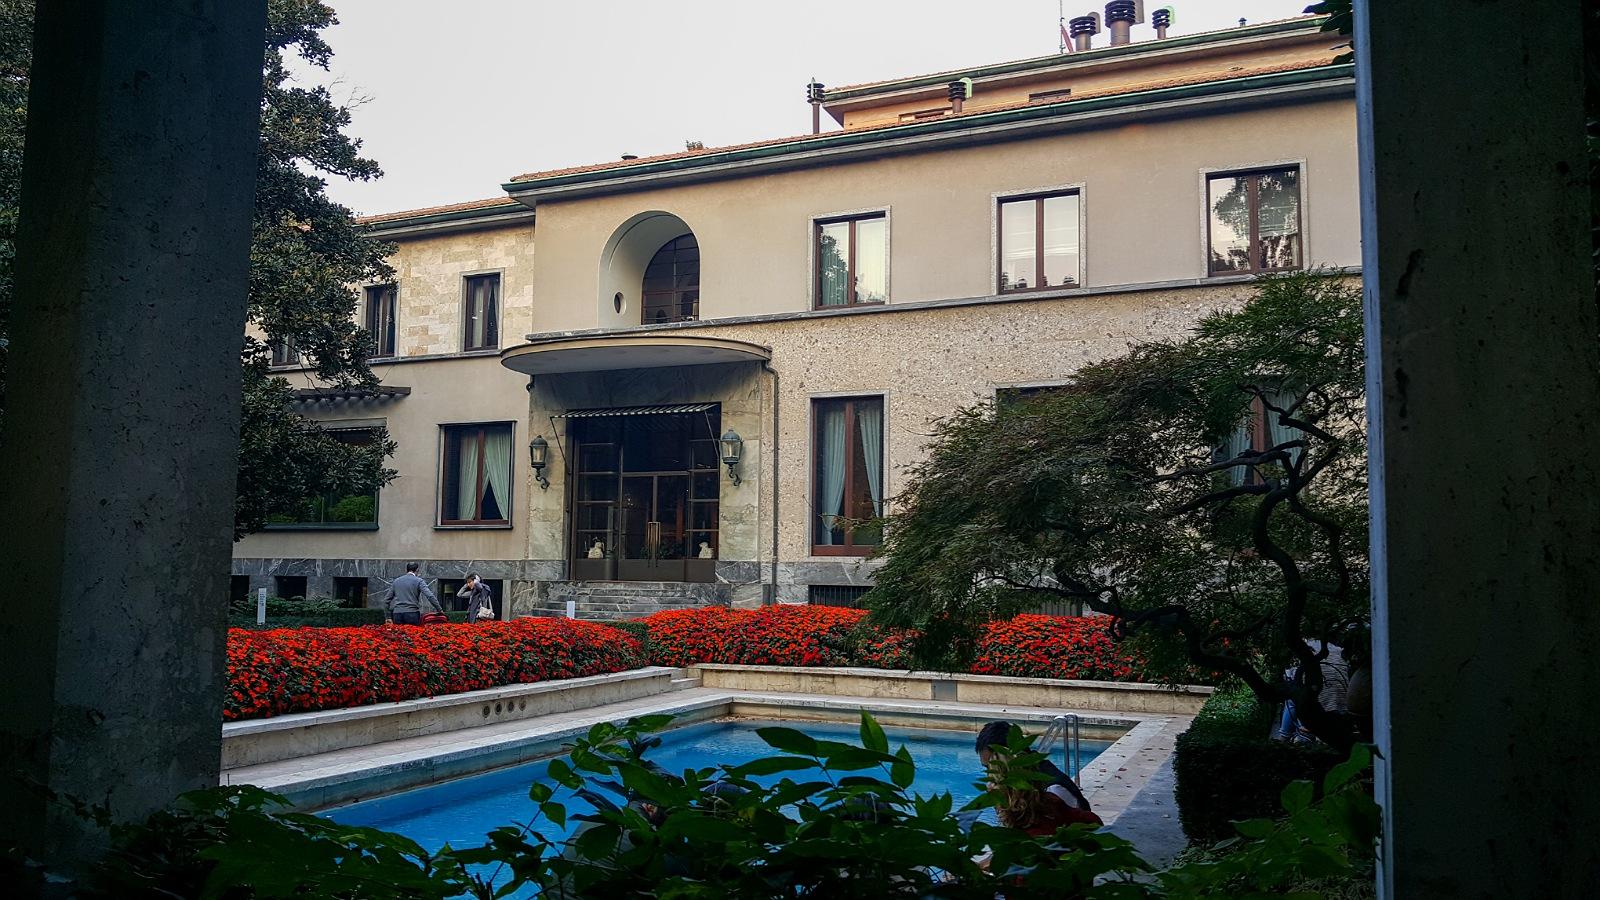 MILANO INSOLITA villa necchi campiglio